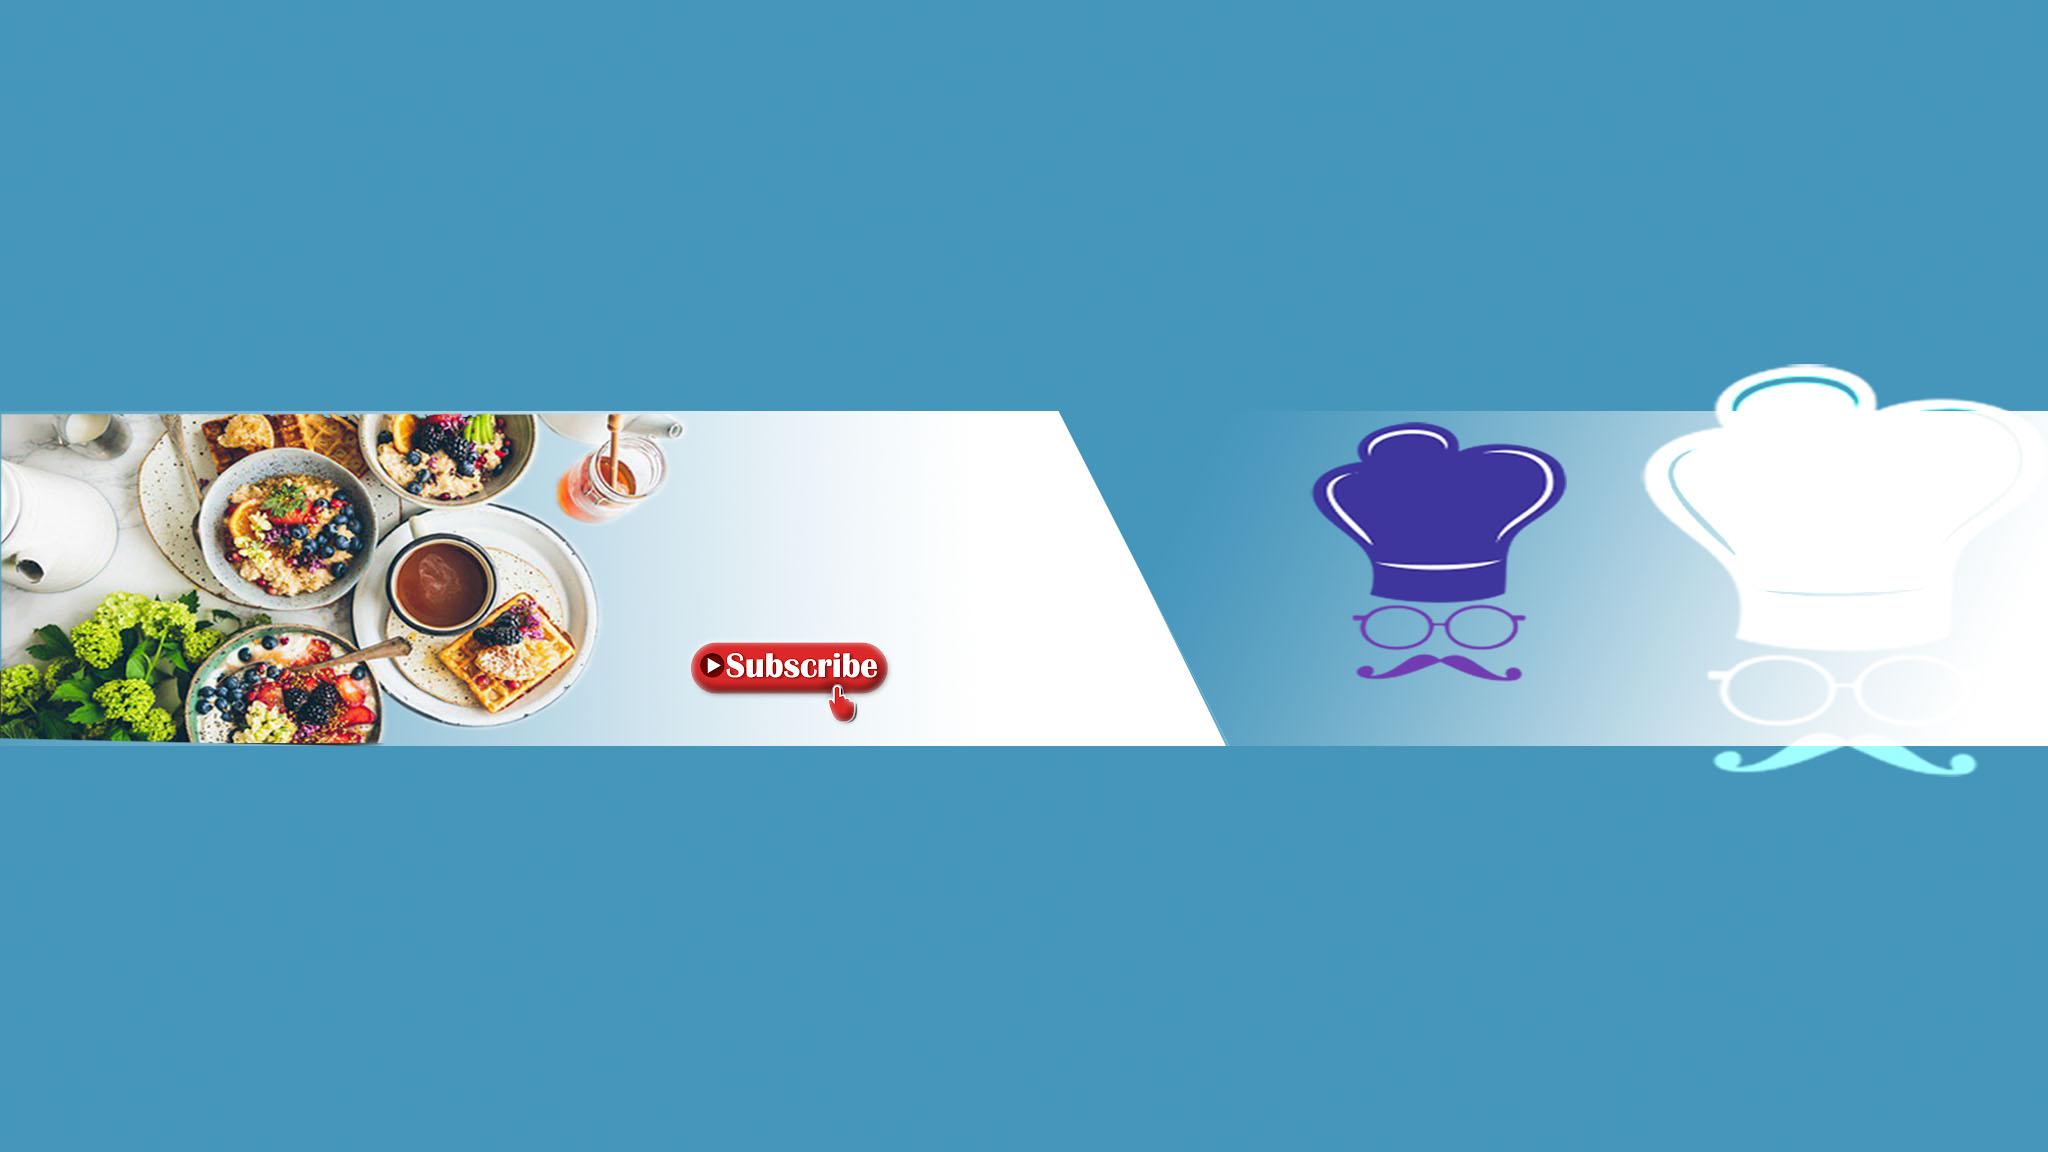 غلاف يوتيوب طبخ بدون اي اسم Psd غلاف لليوتيوب مميز لقنوات الطعام